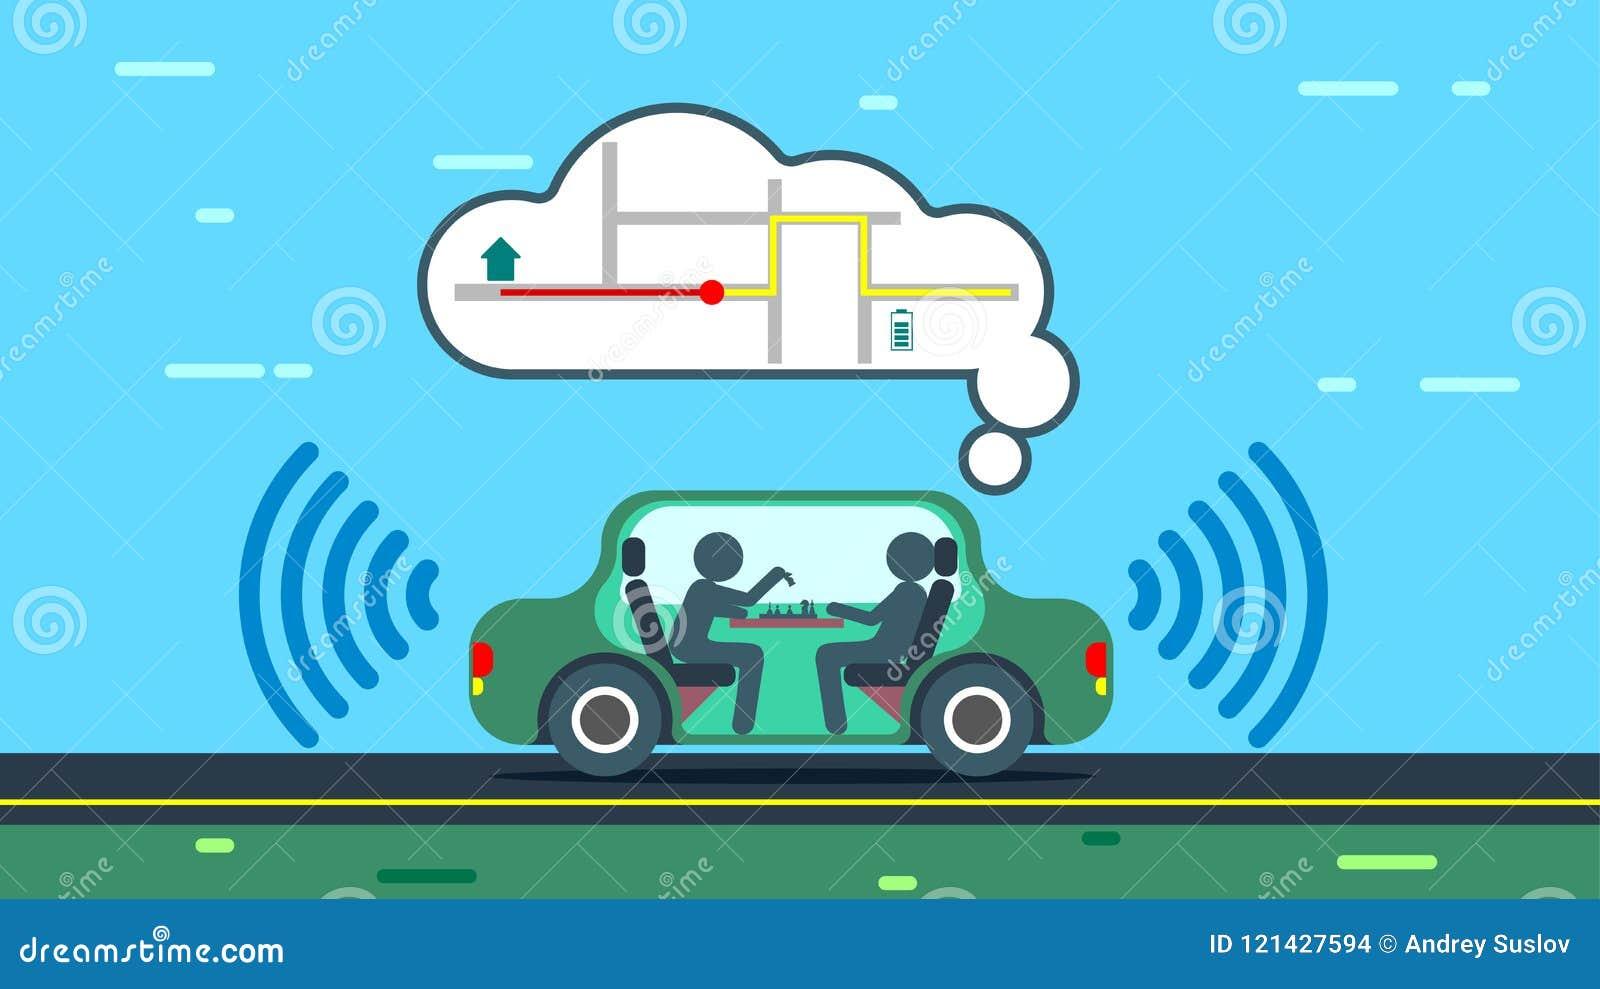 La voiture autonome emploie des cartes de généralistes